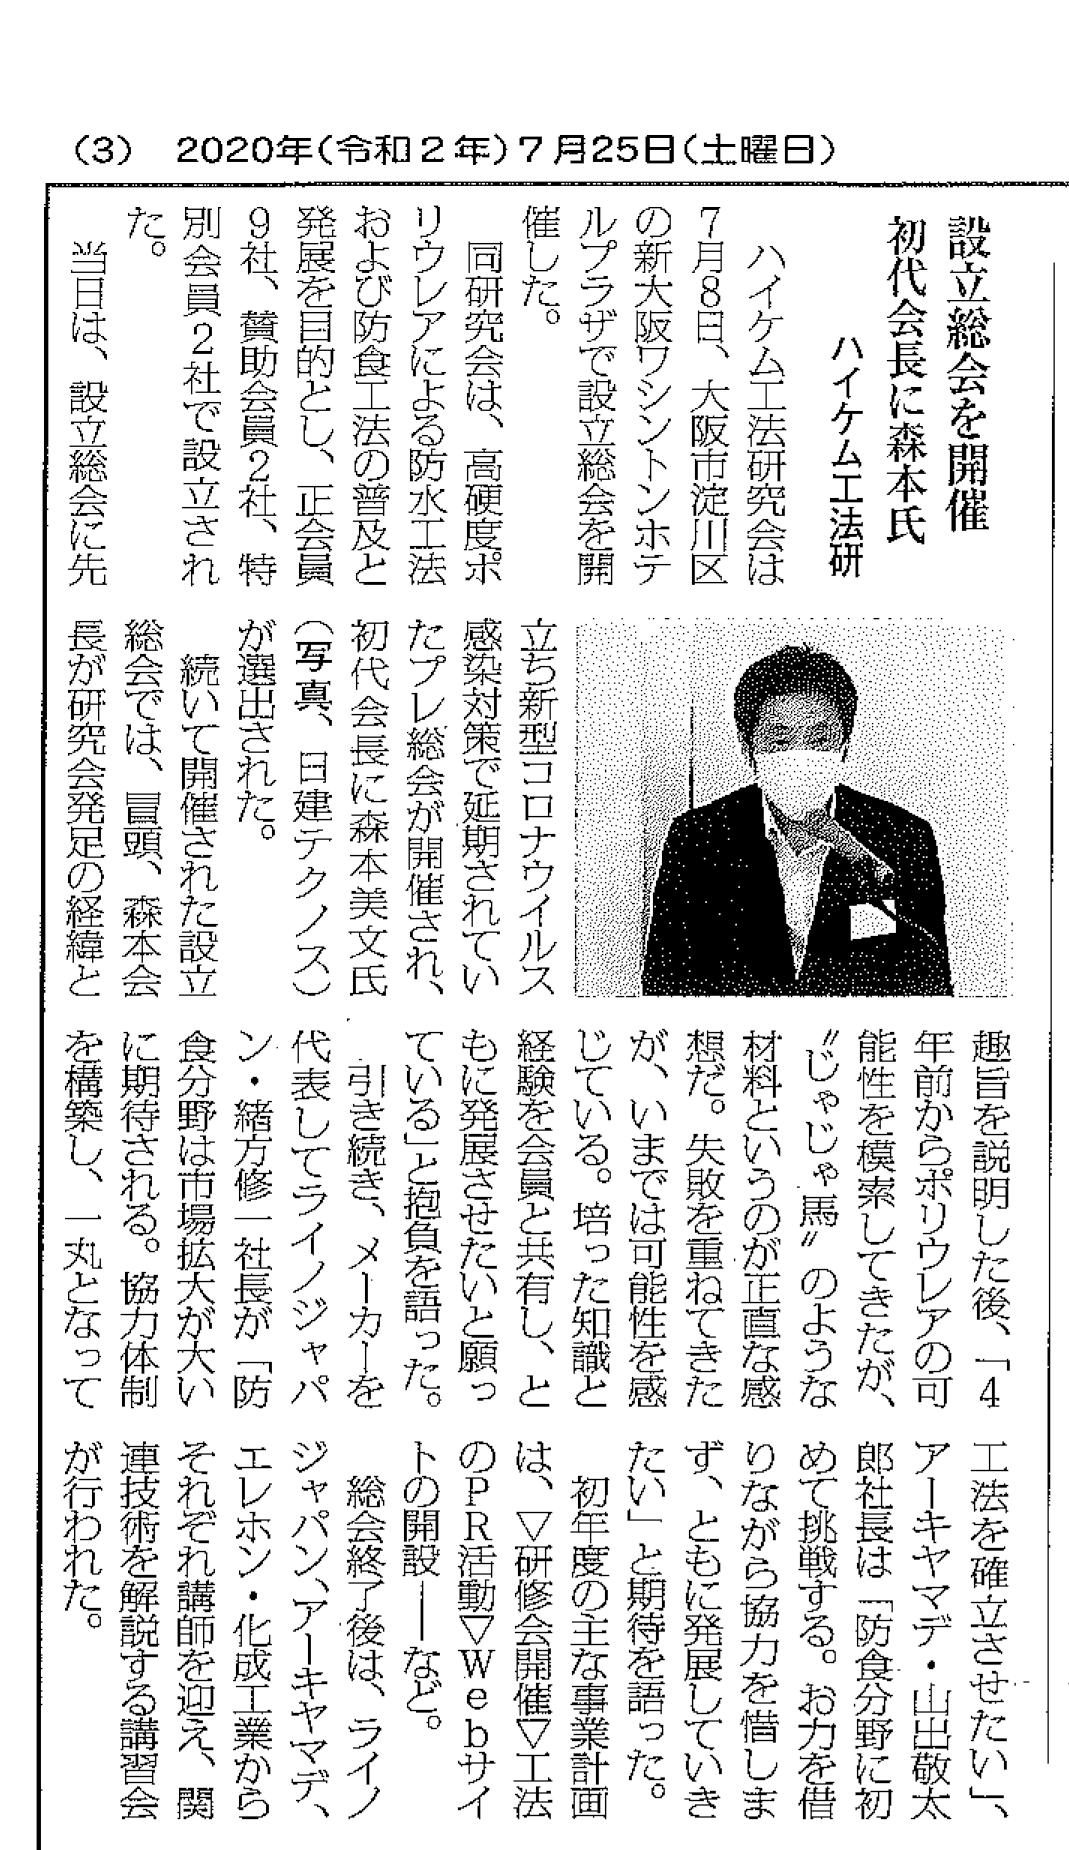 ハイケム工法研究会記事ARS